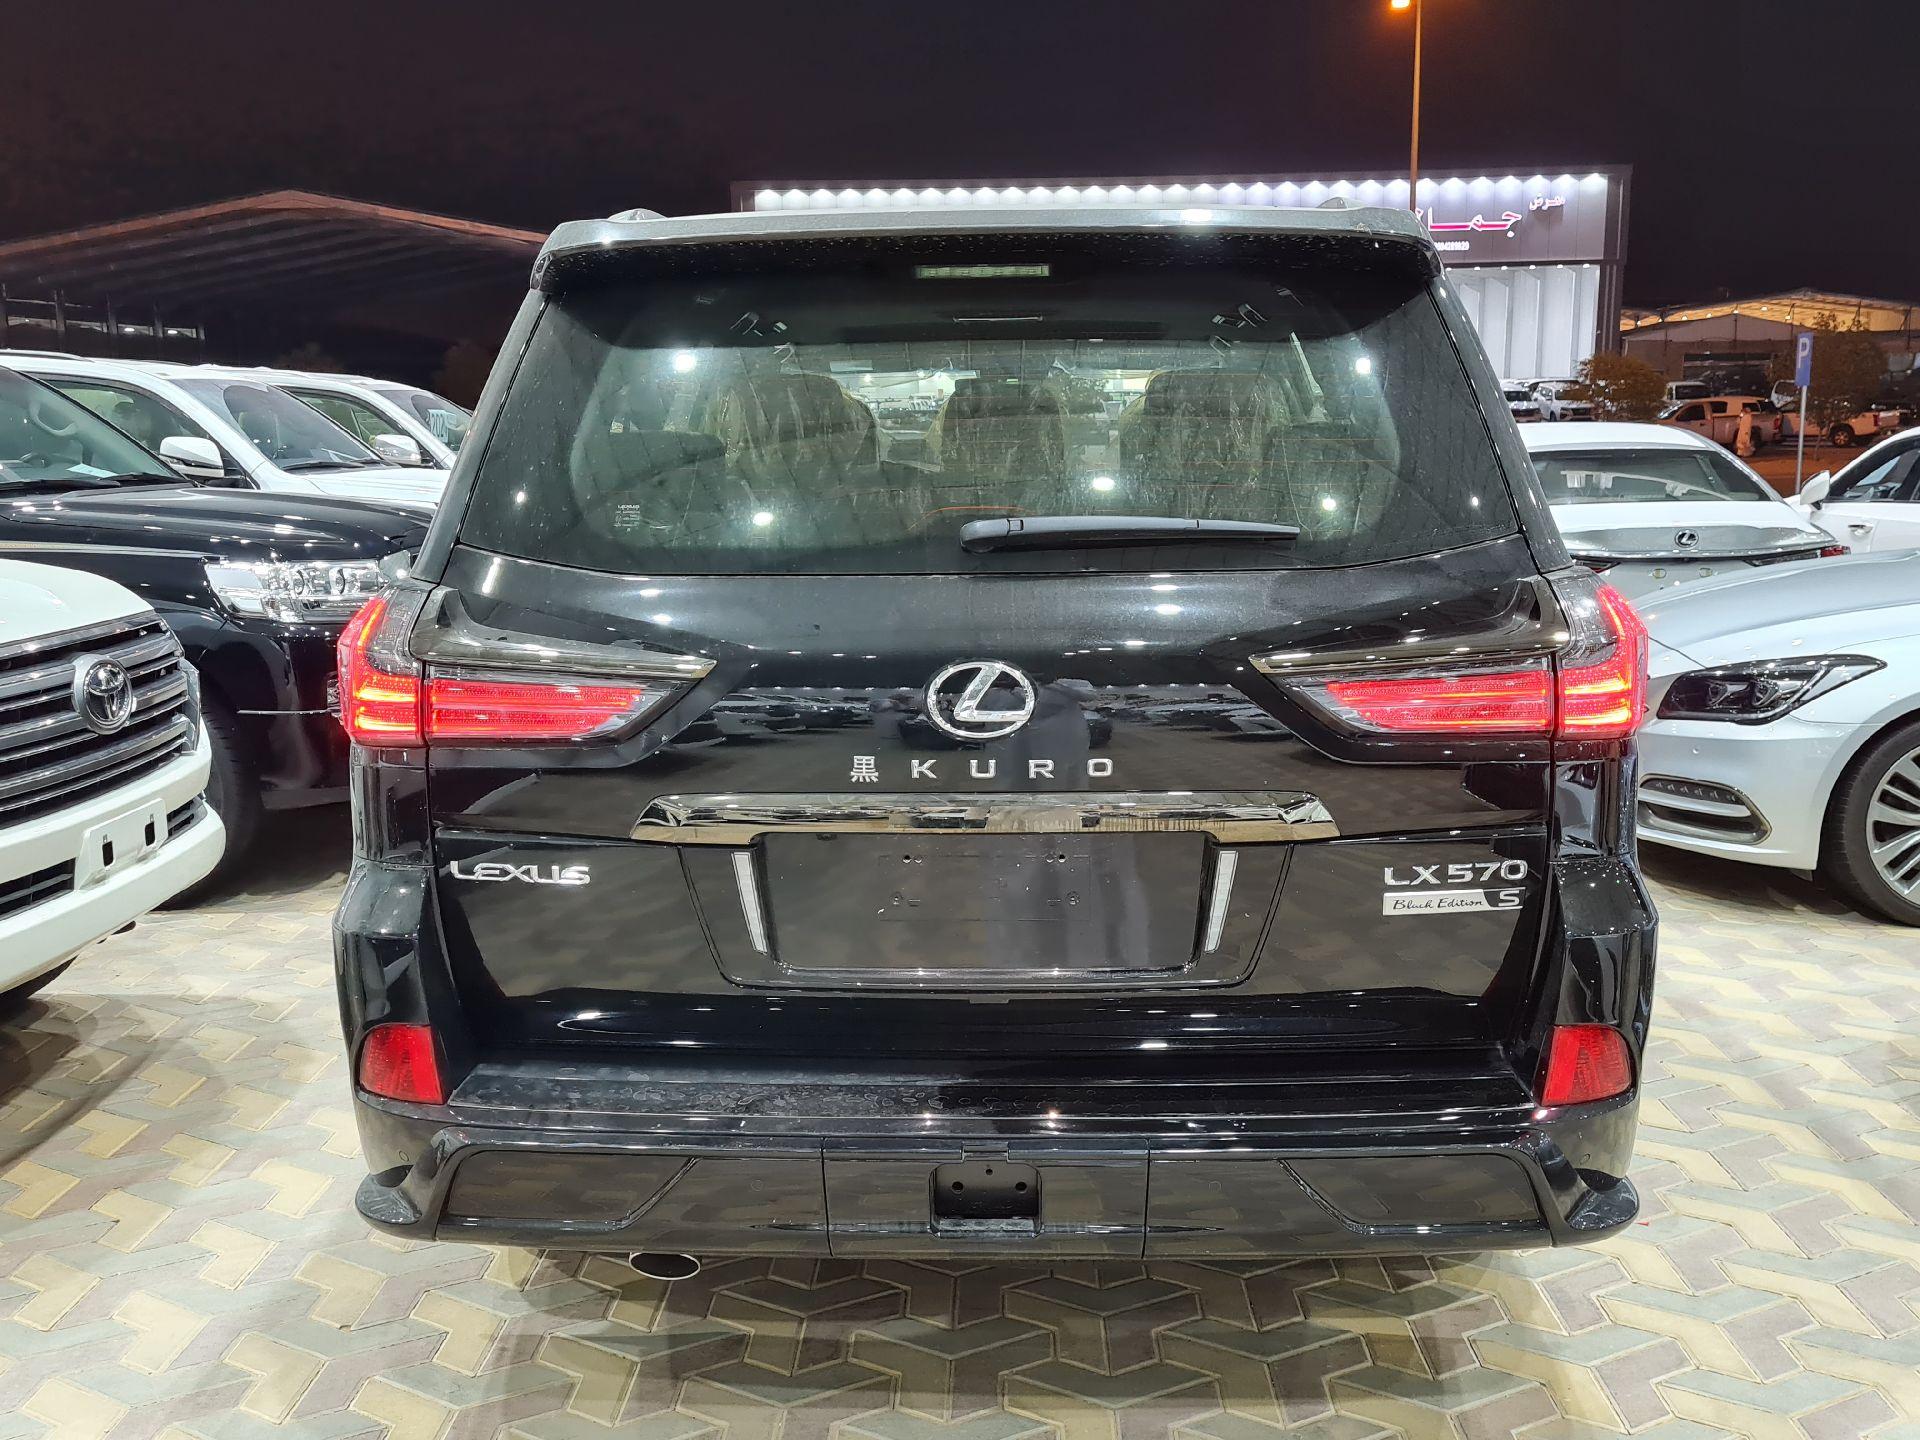 لكزس LX 570 Black Ed.فل 2021 دبل خليجي جديد للبيع في الرياض - السعودية - صورة كبيرة - 5